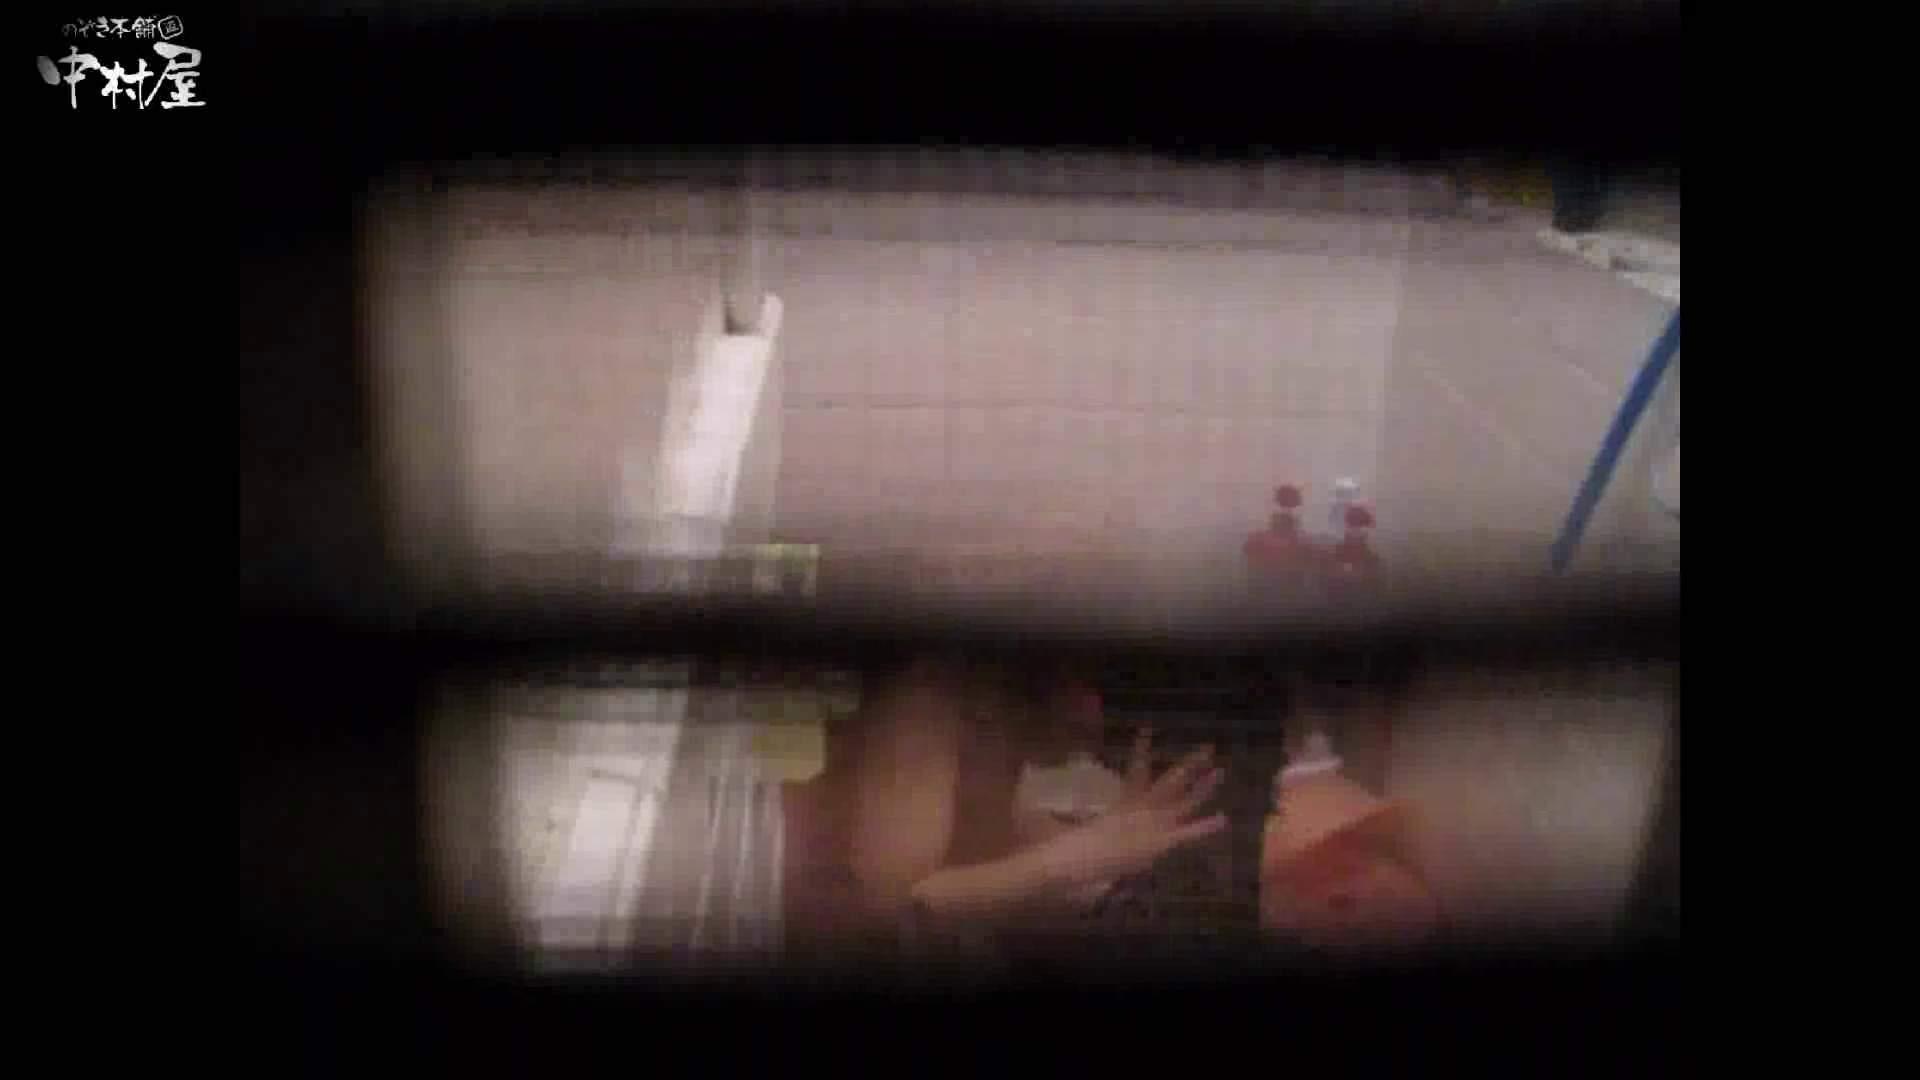 民家風呂専門盗撮師の超危険映像 vol.017 民家 盗撮動画紹介 93PICs 89